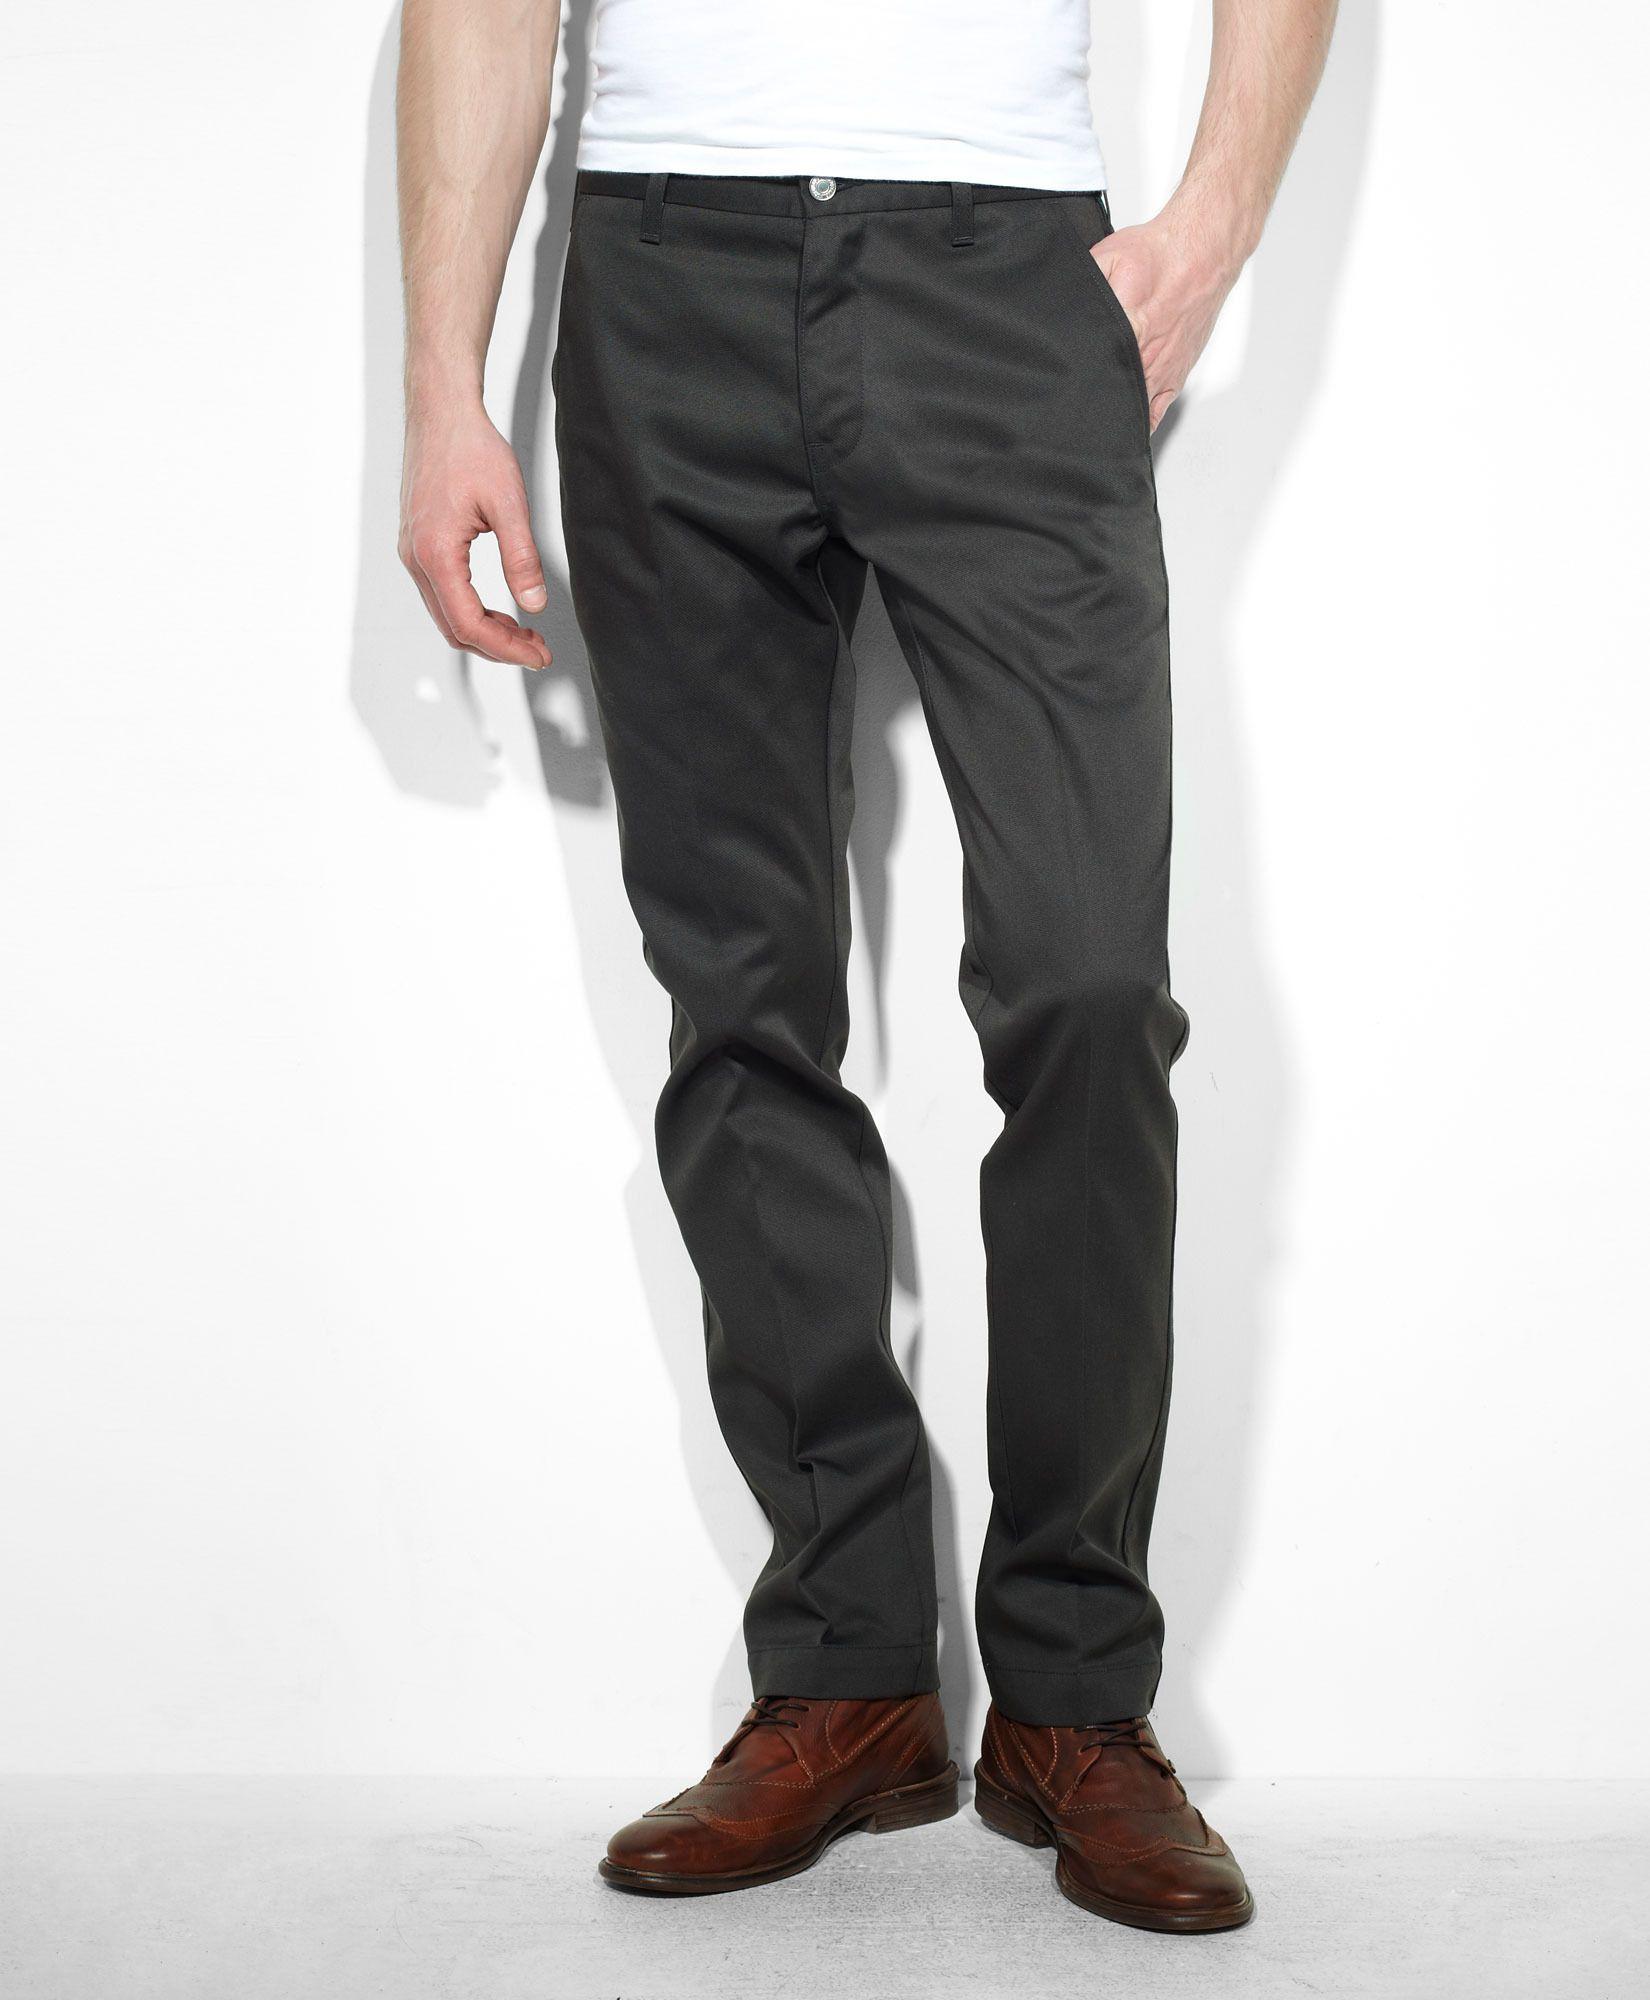 7d23ac04a91f Sta prest pants Levi's | Wish List | Trousers, Skinhead fashion, 60s ...